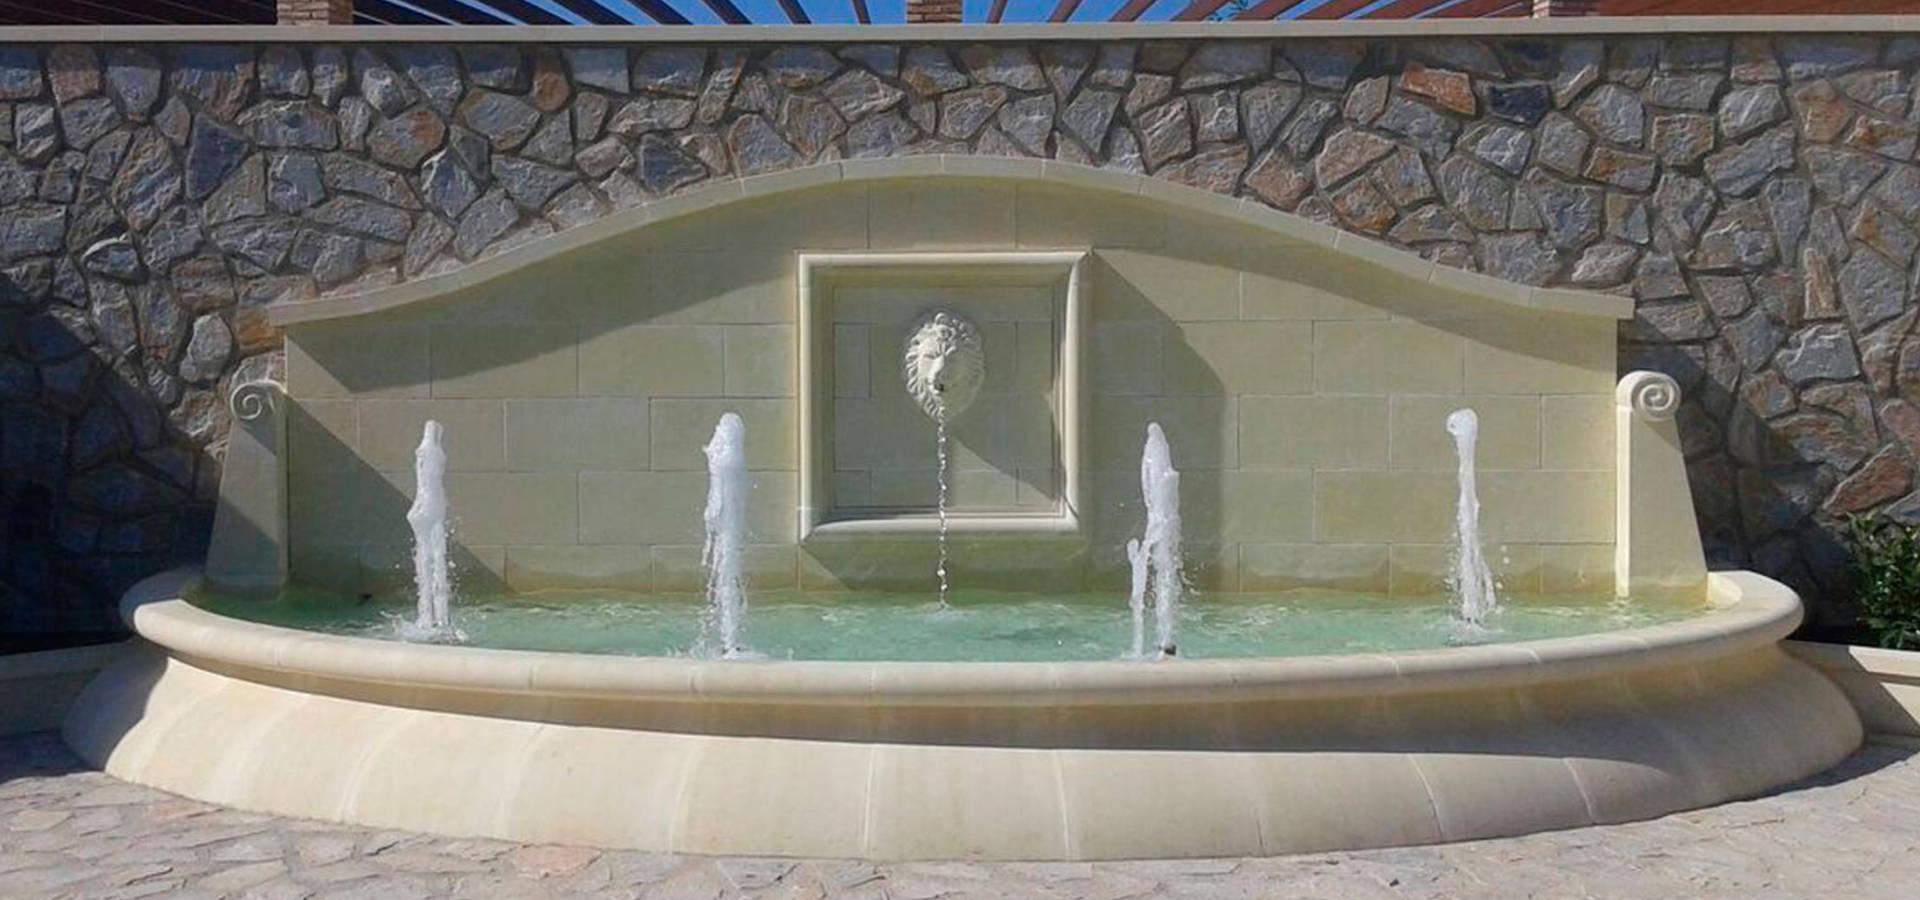 Fuentes Ornamentales De Piedra Artistica Artificial Sl Homify - Fuentes-de-piedra-de-pared